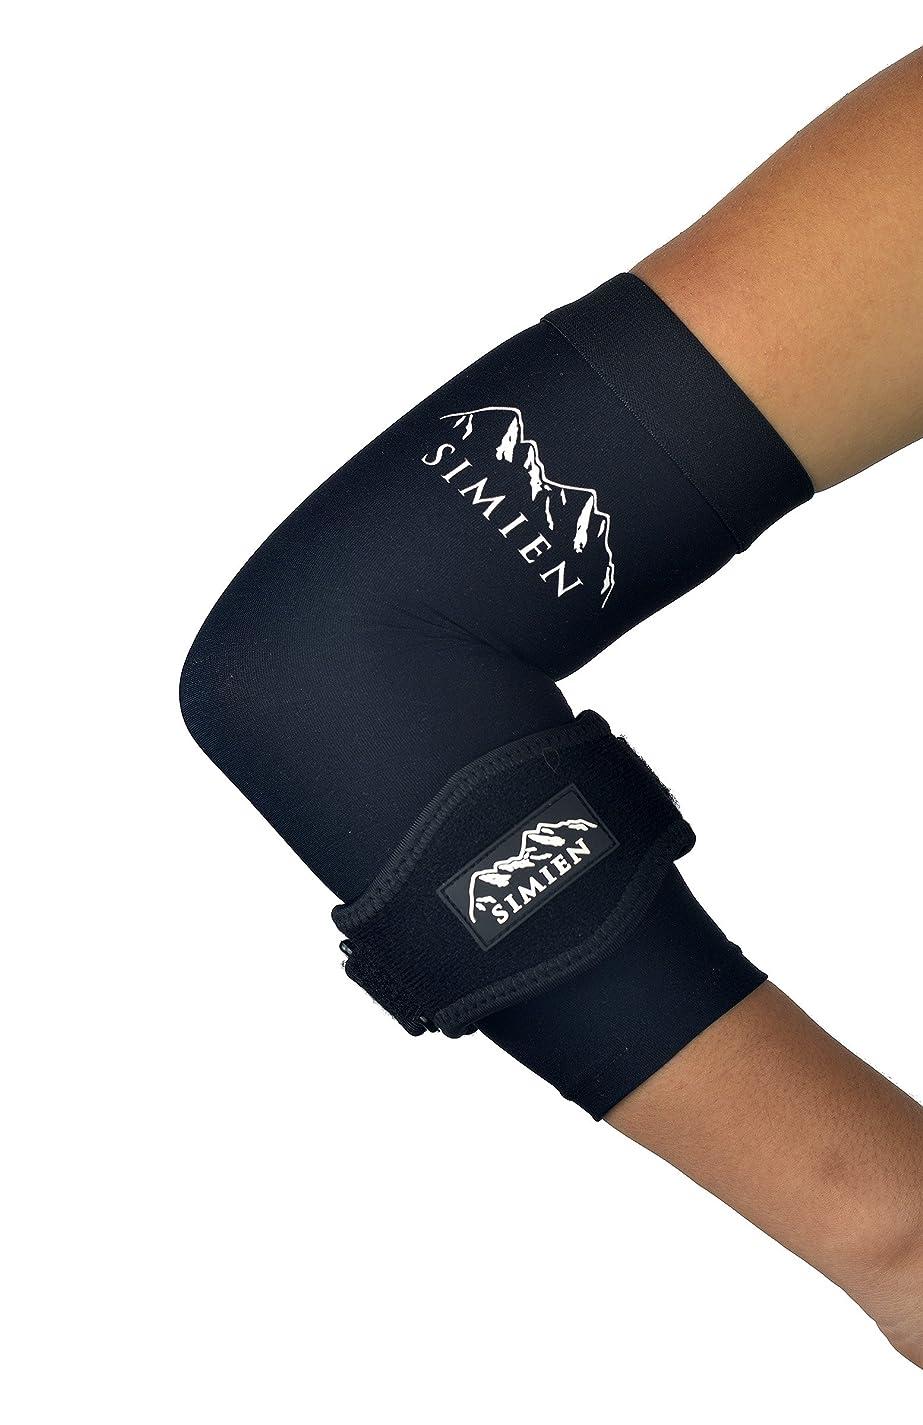 細断たとえ神話SIMIEN 肘ブレース + スリーブ圧縮コンボ (各1個) - テニス肘、ゴルフ肘、腱鞘炎の炎症と痛みを軽減 - 完全なサポート - 88%銅スリーブ - 電子書籍